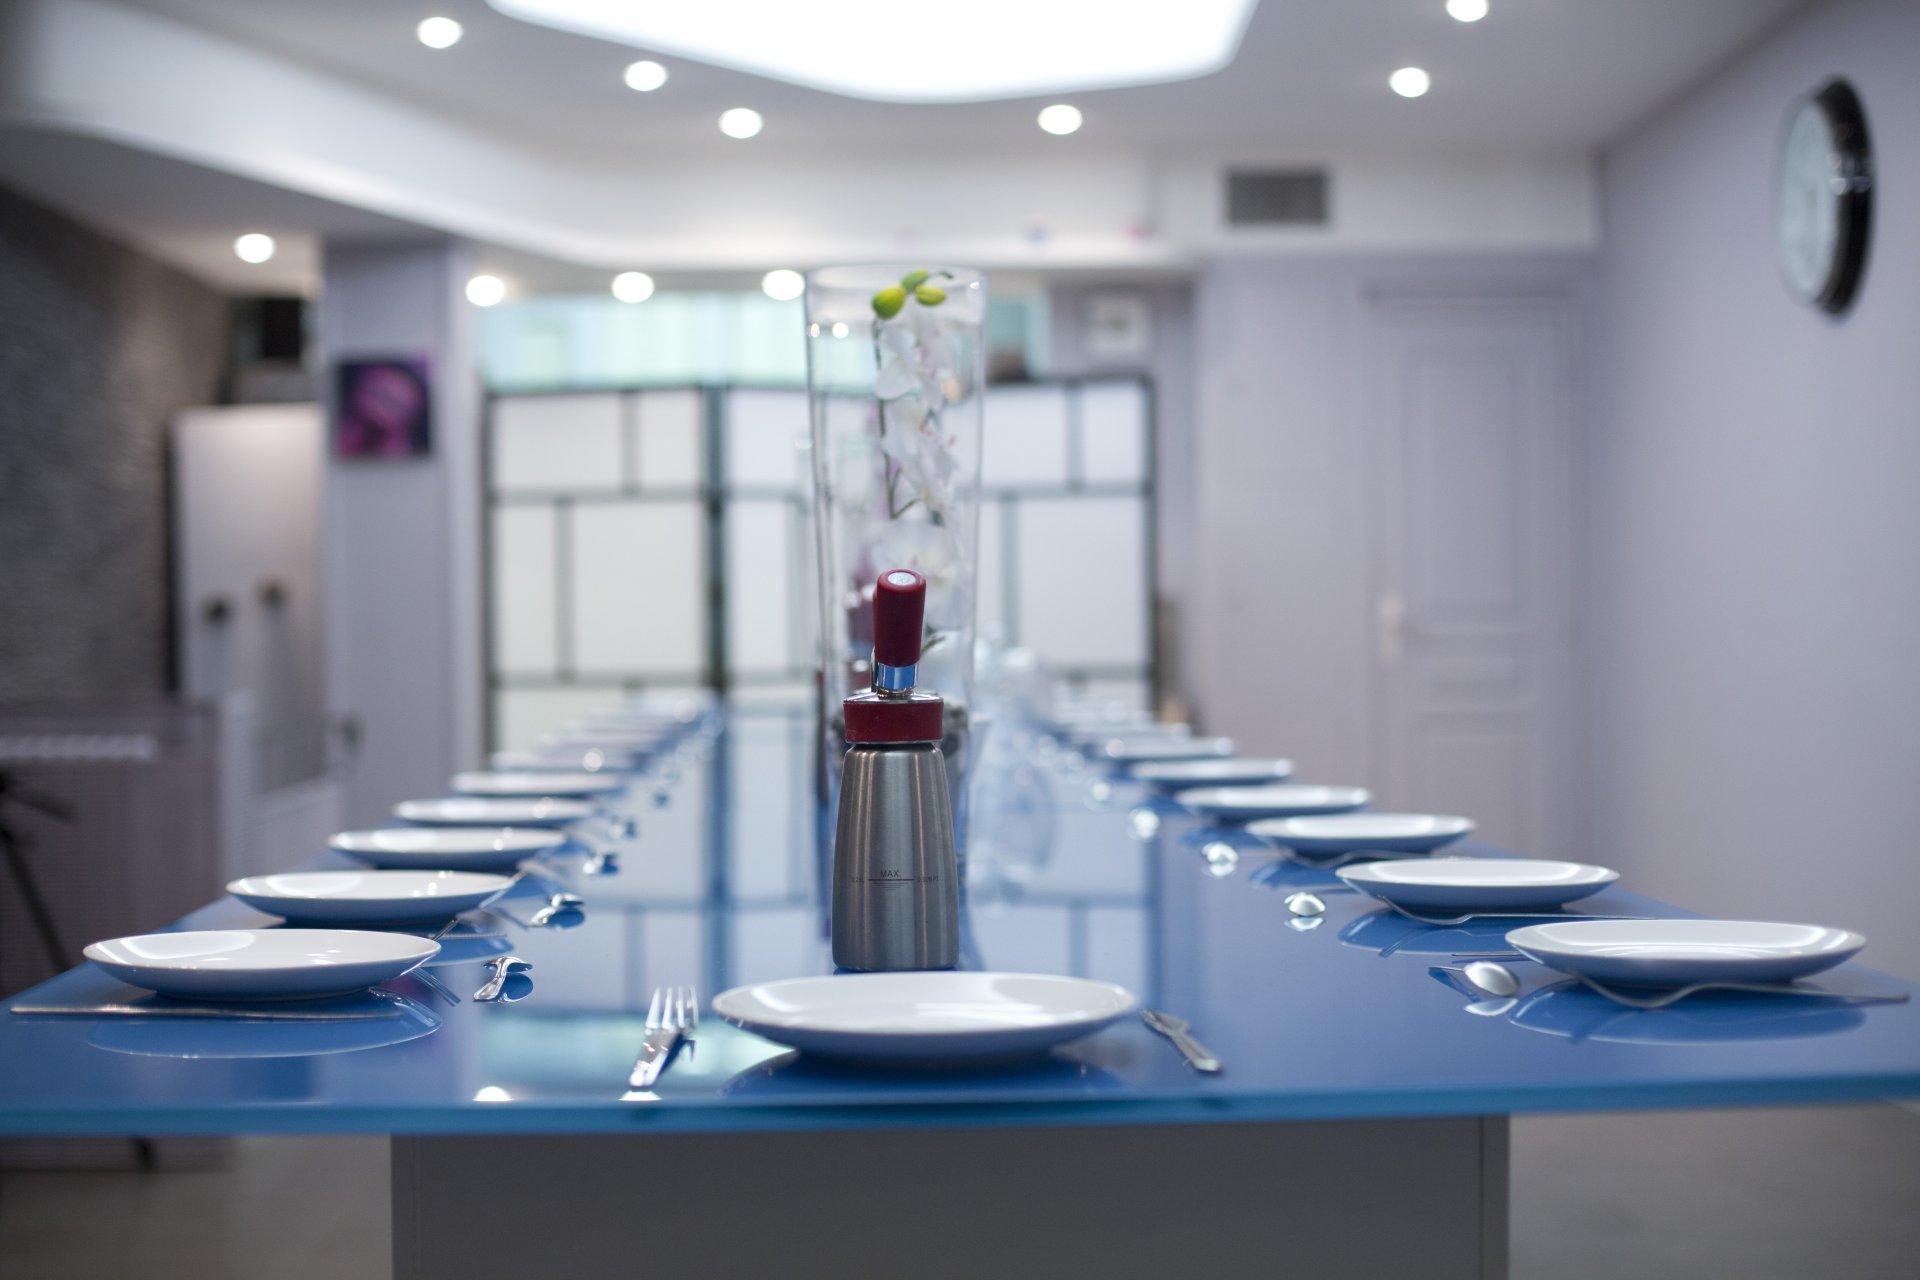 cours de cuisine dans le 17 me arrondissement paris restaurant groupe paris 75 cours de. Black Bedroom Furniture Sets. Home Design Ideas